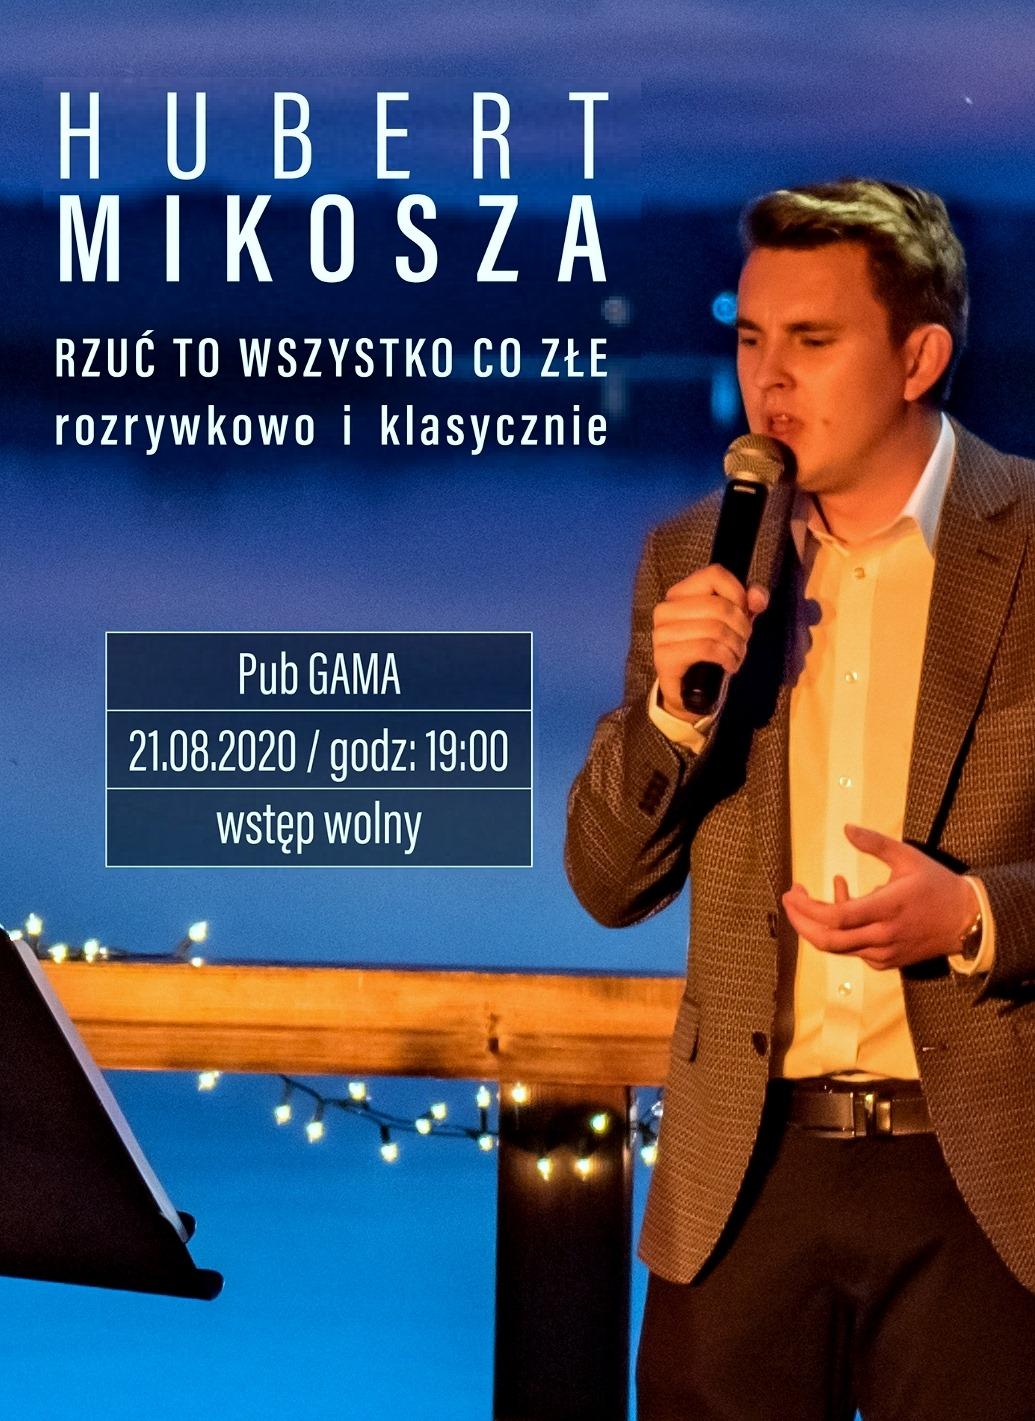 https://m.powiatszczycienski.pl/2020/08/orig/117774588-3323520731039135-1893948019829301471-o-33833.jpg